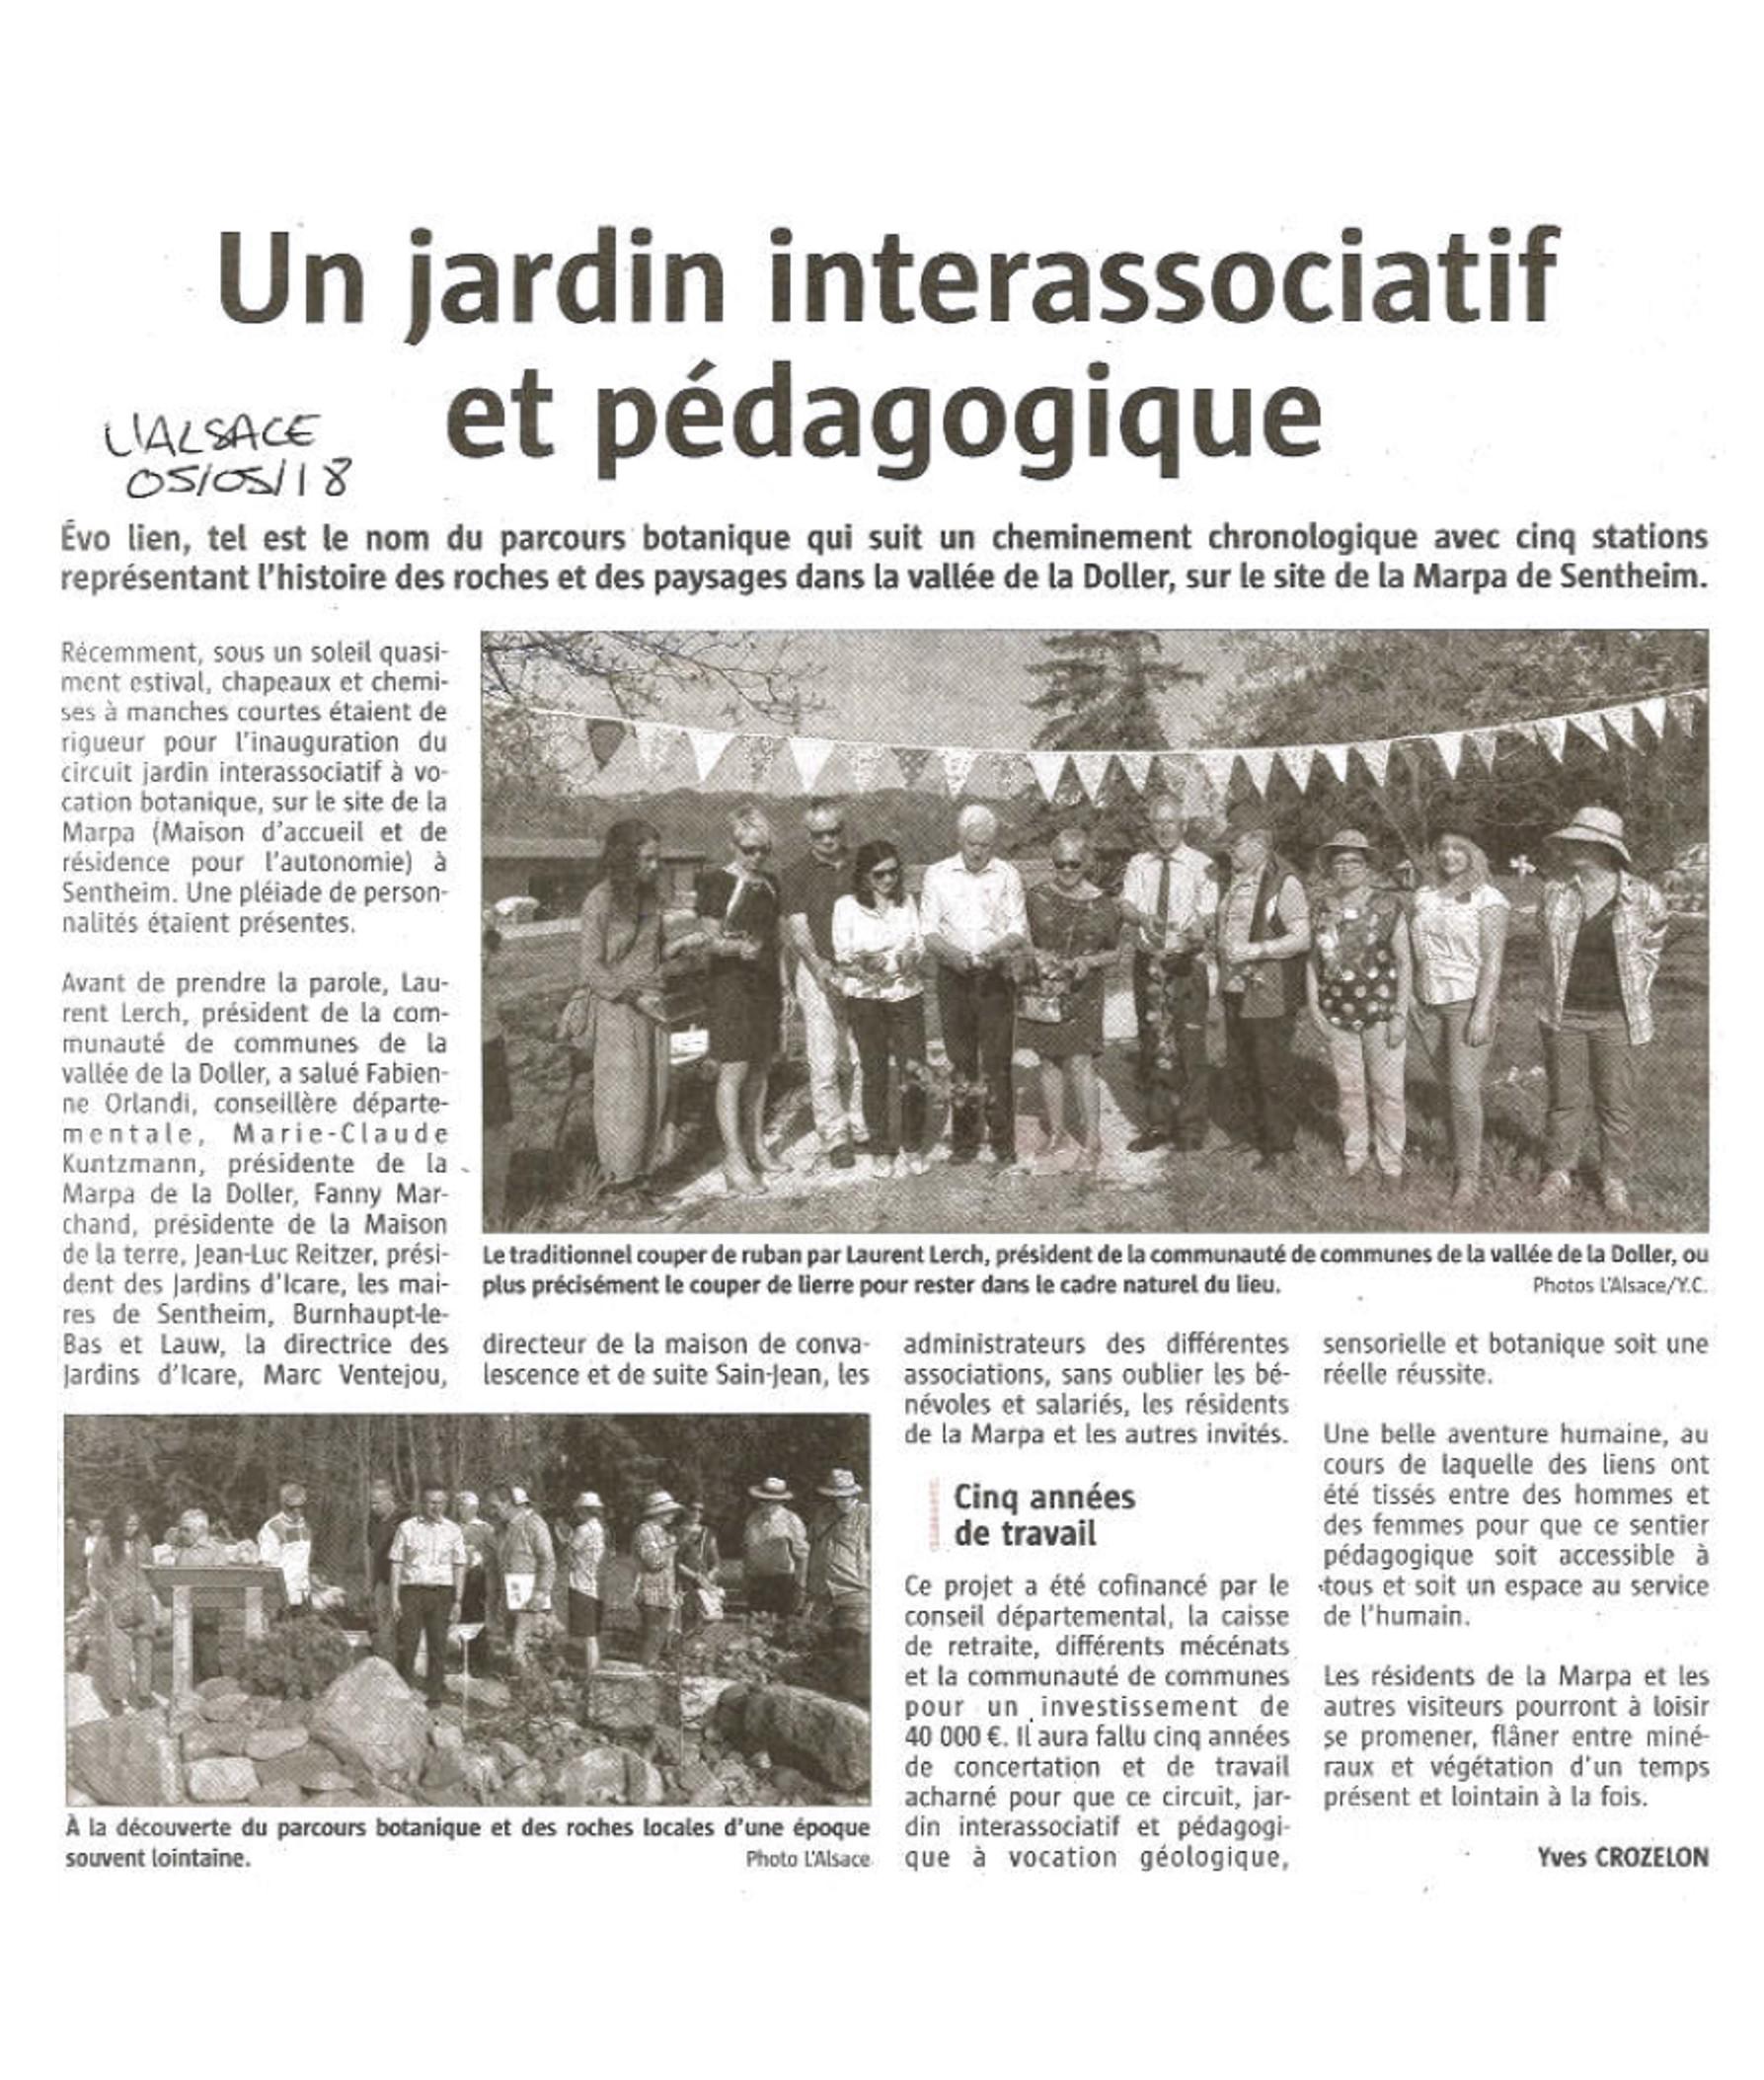 Un jardin interassociatif et pédagogique - L'Alsace (05-05-2018)